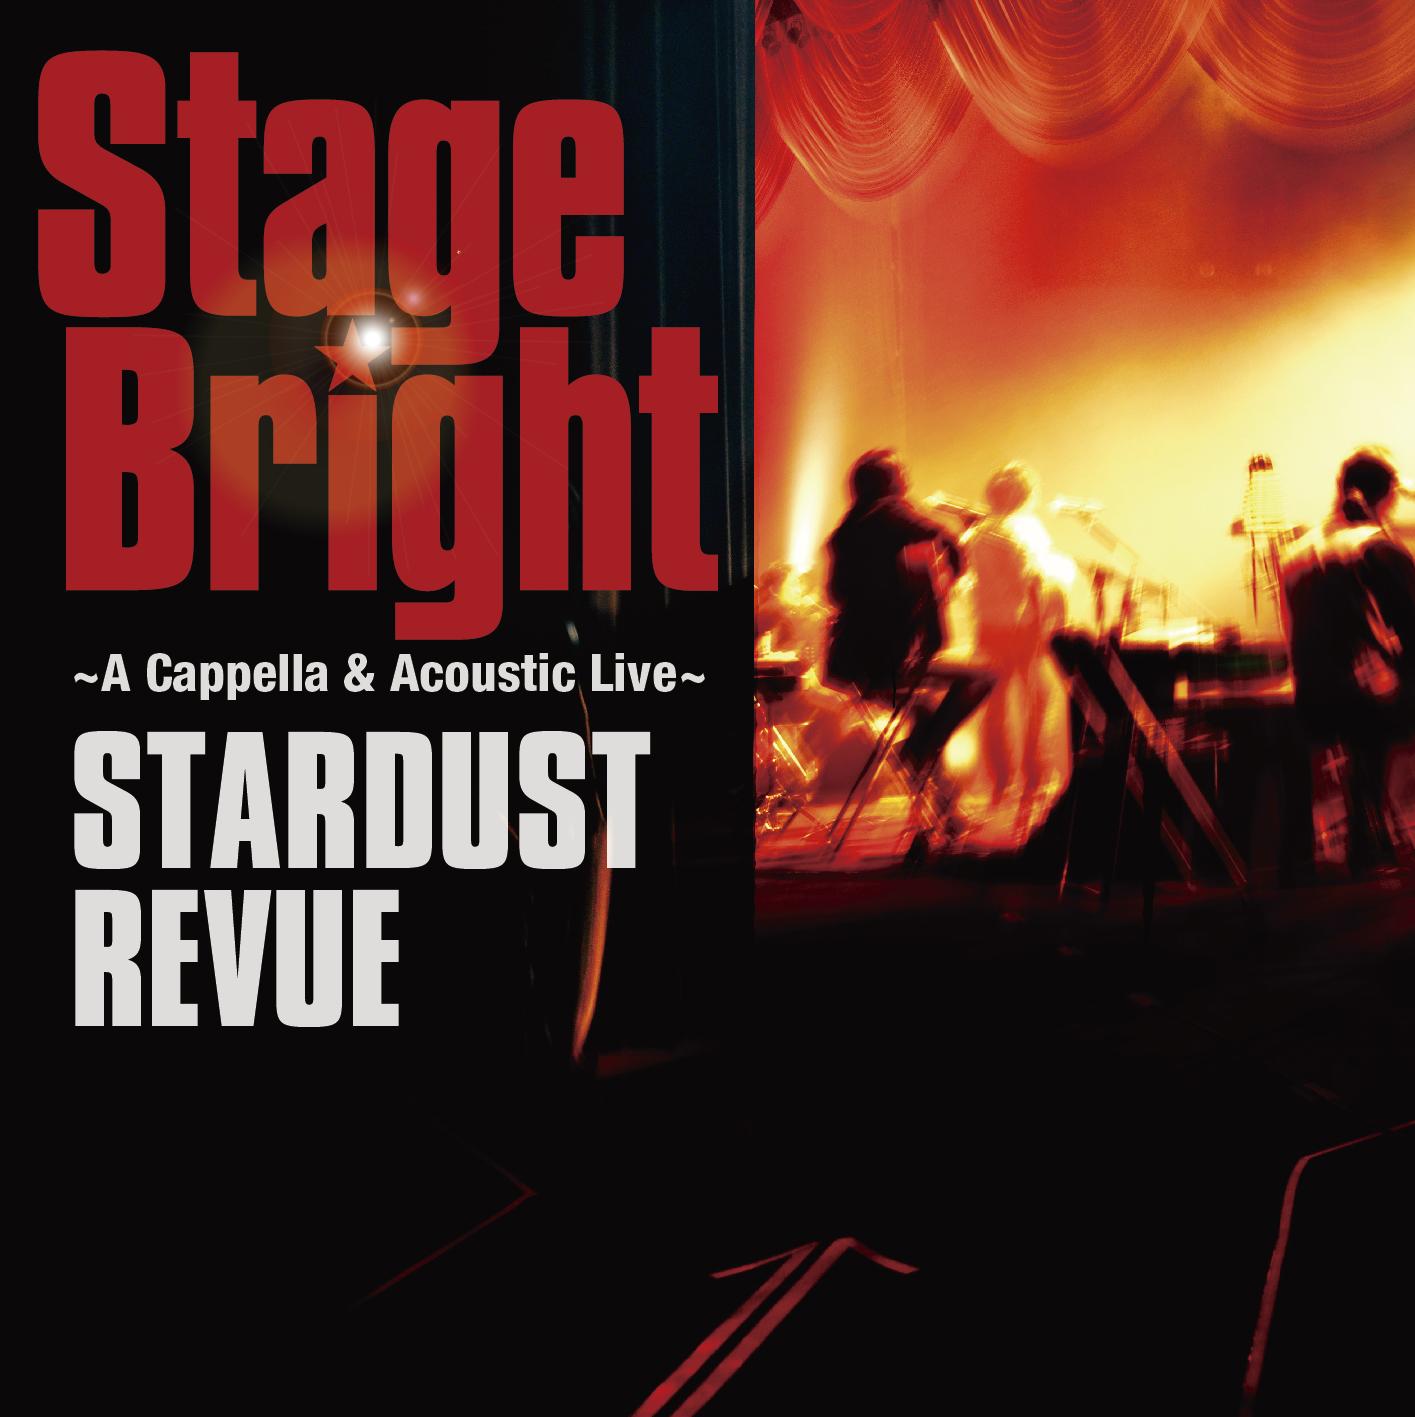 アルバム『Stage Bright~A Cappella & Acoustic Live~』